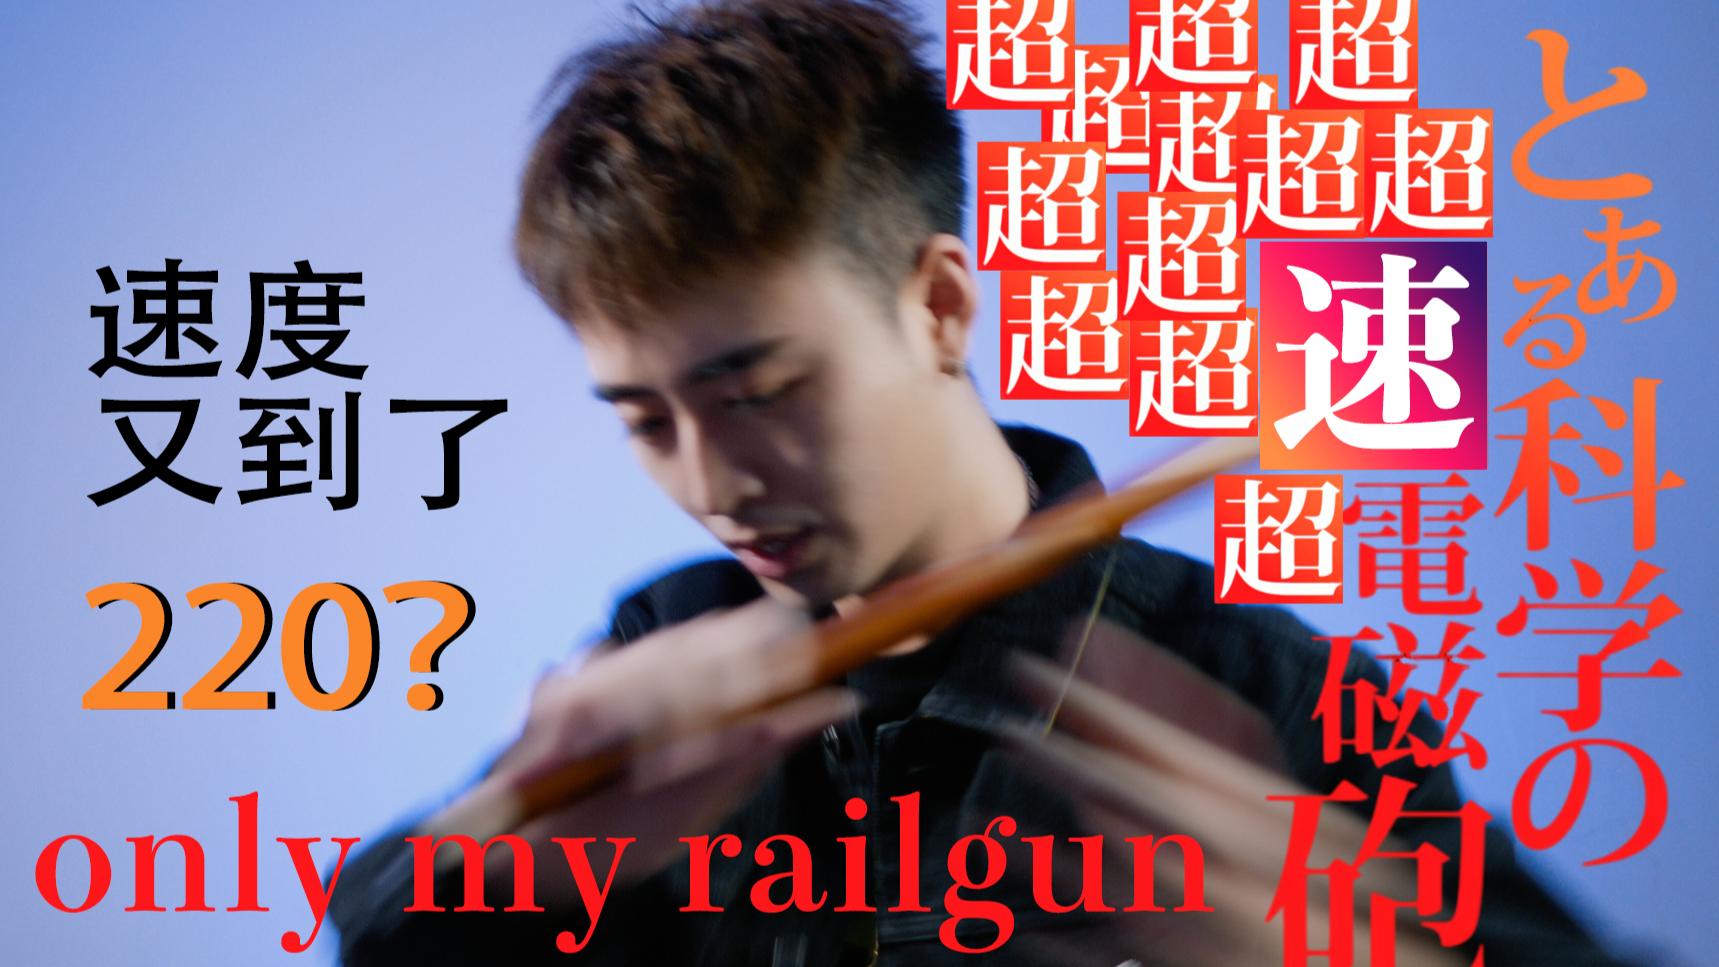 【2:30后逐渐癫痫】某科学的超(速)电磁炮【only my railgun】